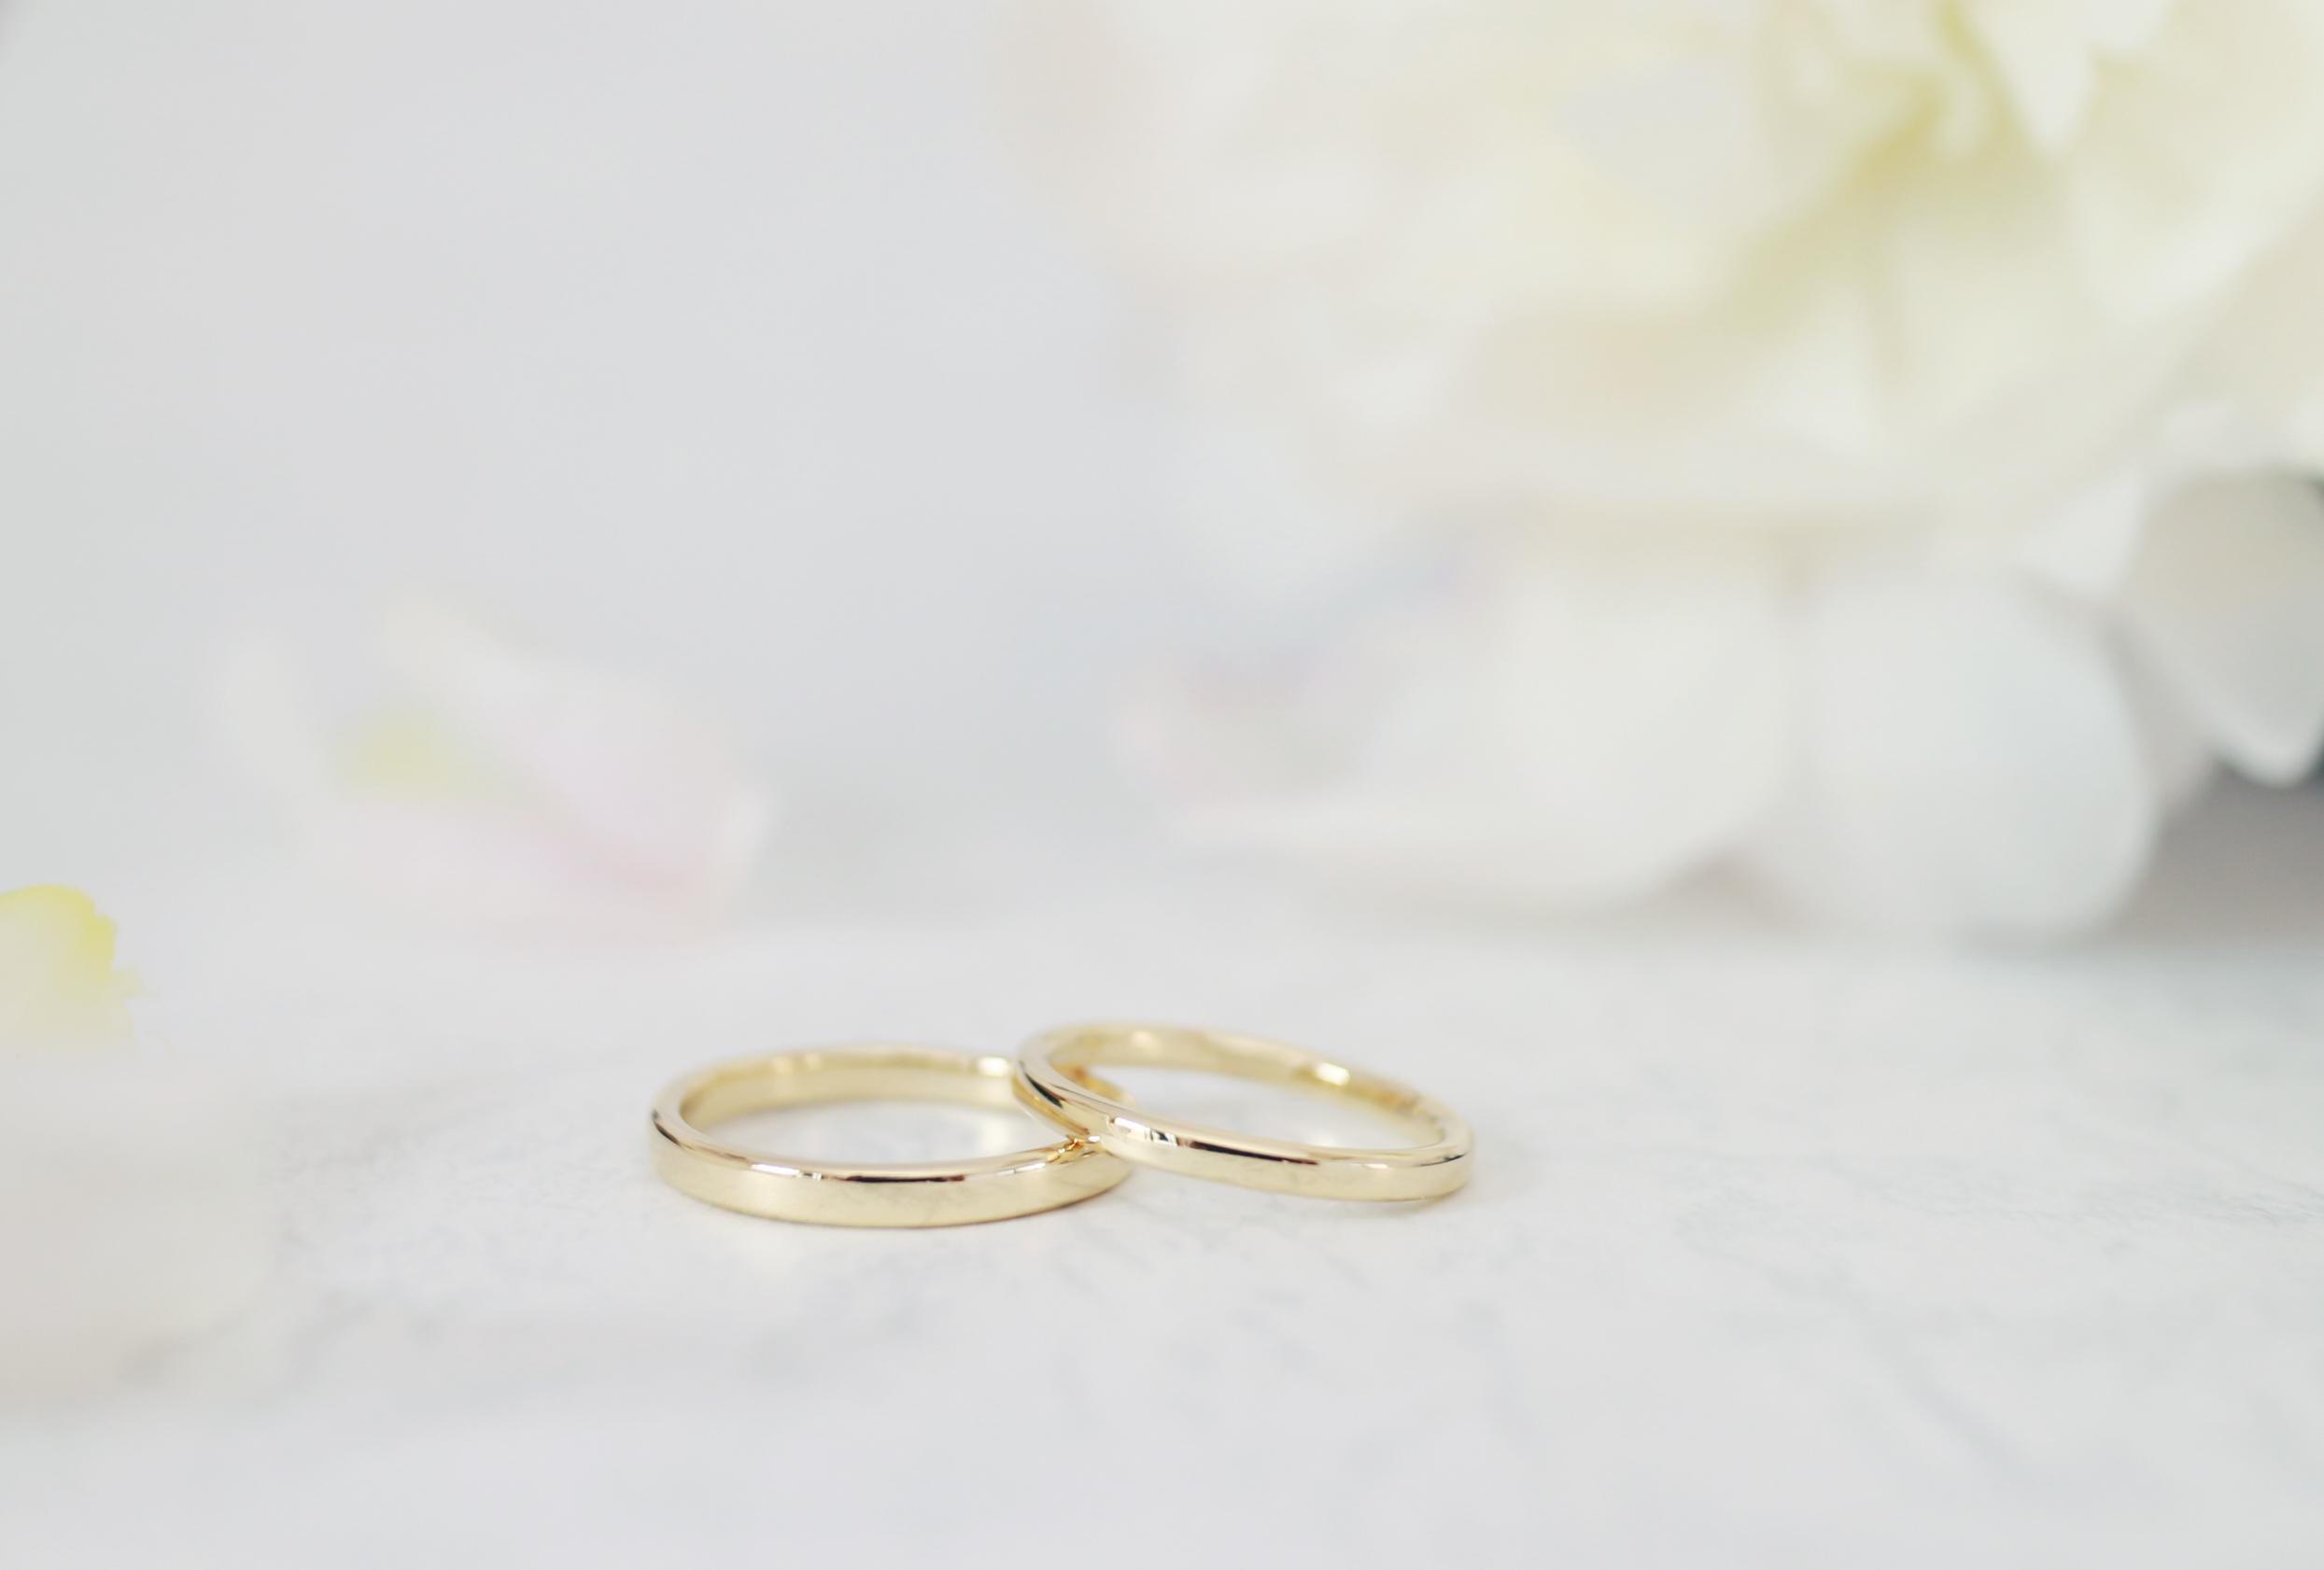 シンプルなゴールドの手作り結婚指輪